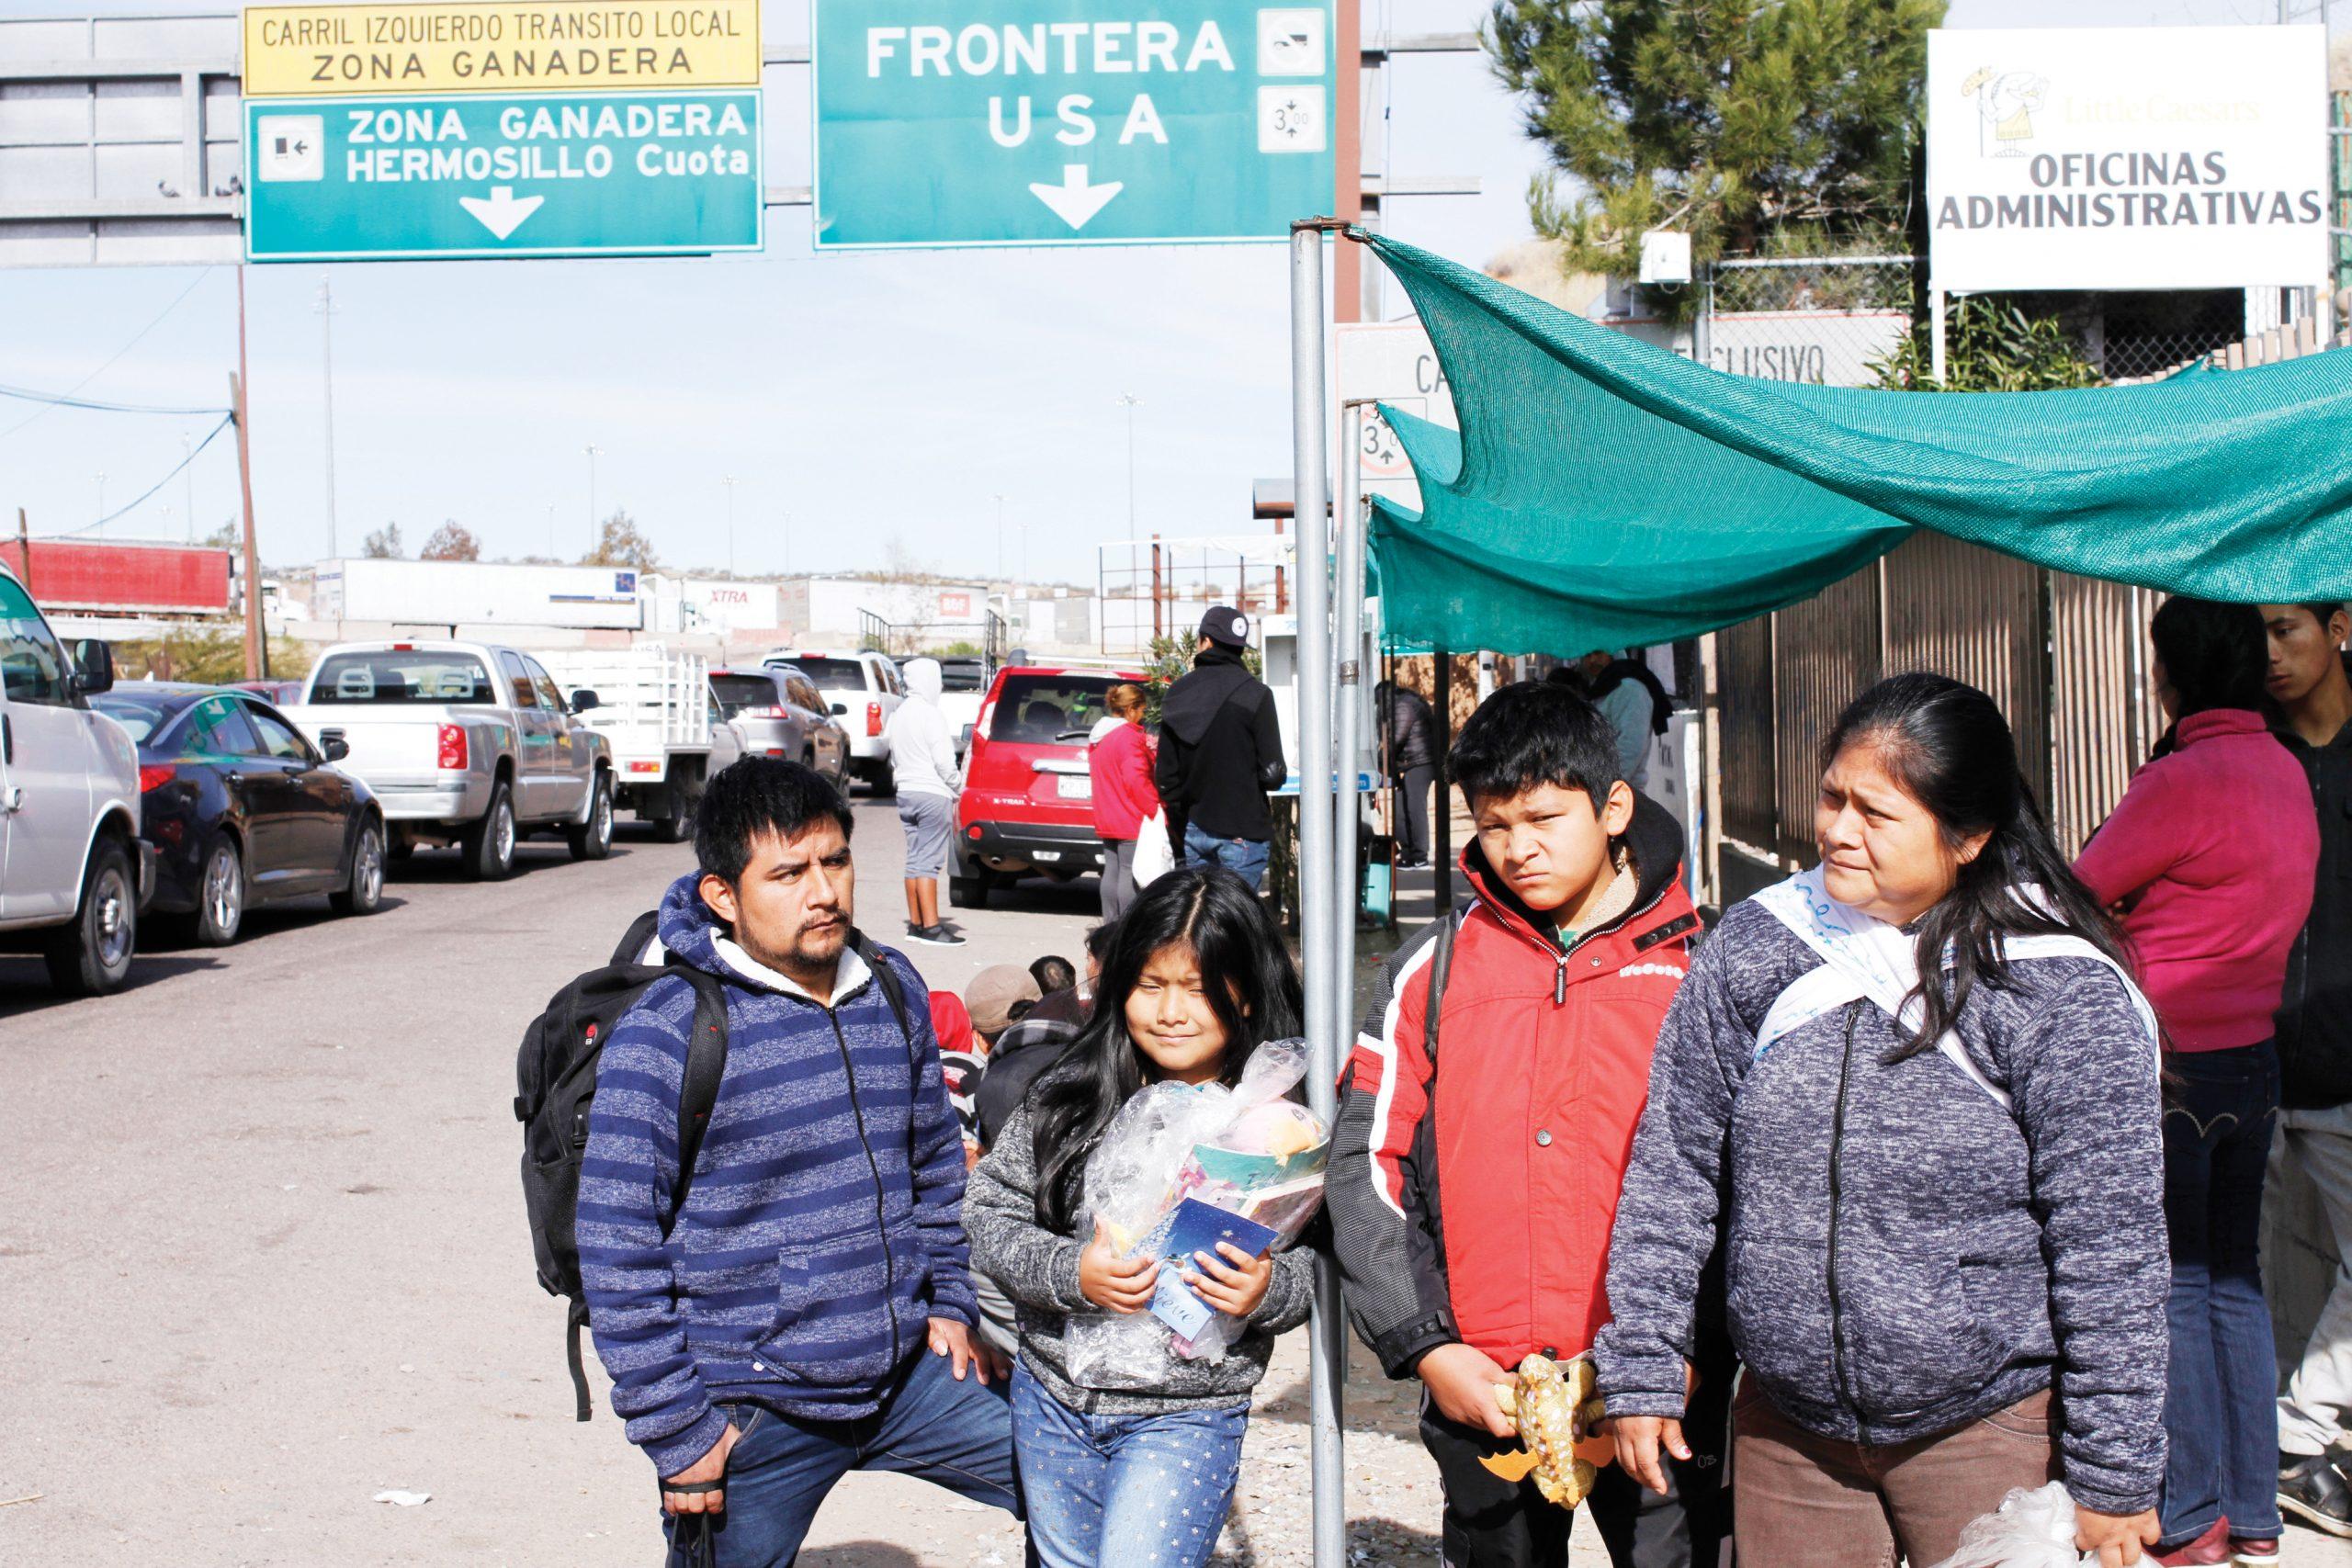 En marcha nuevo reglamento para solicitar asilo en EE.UU.